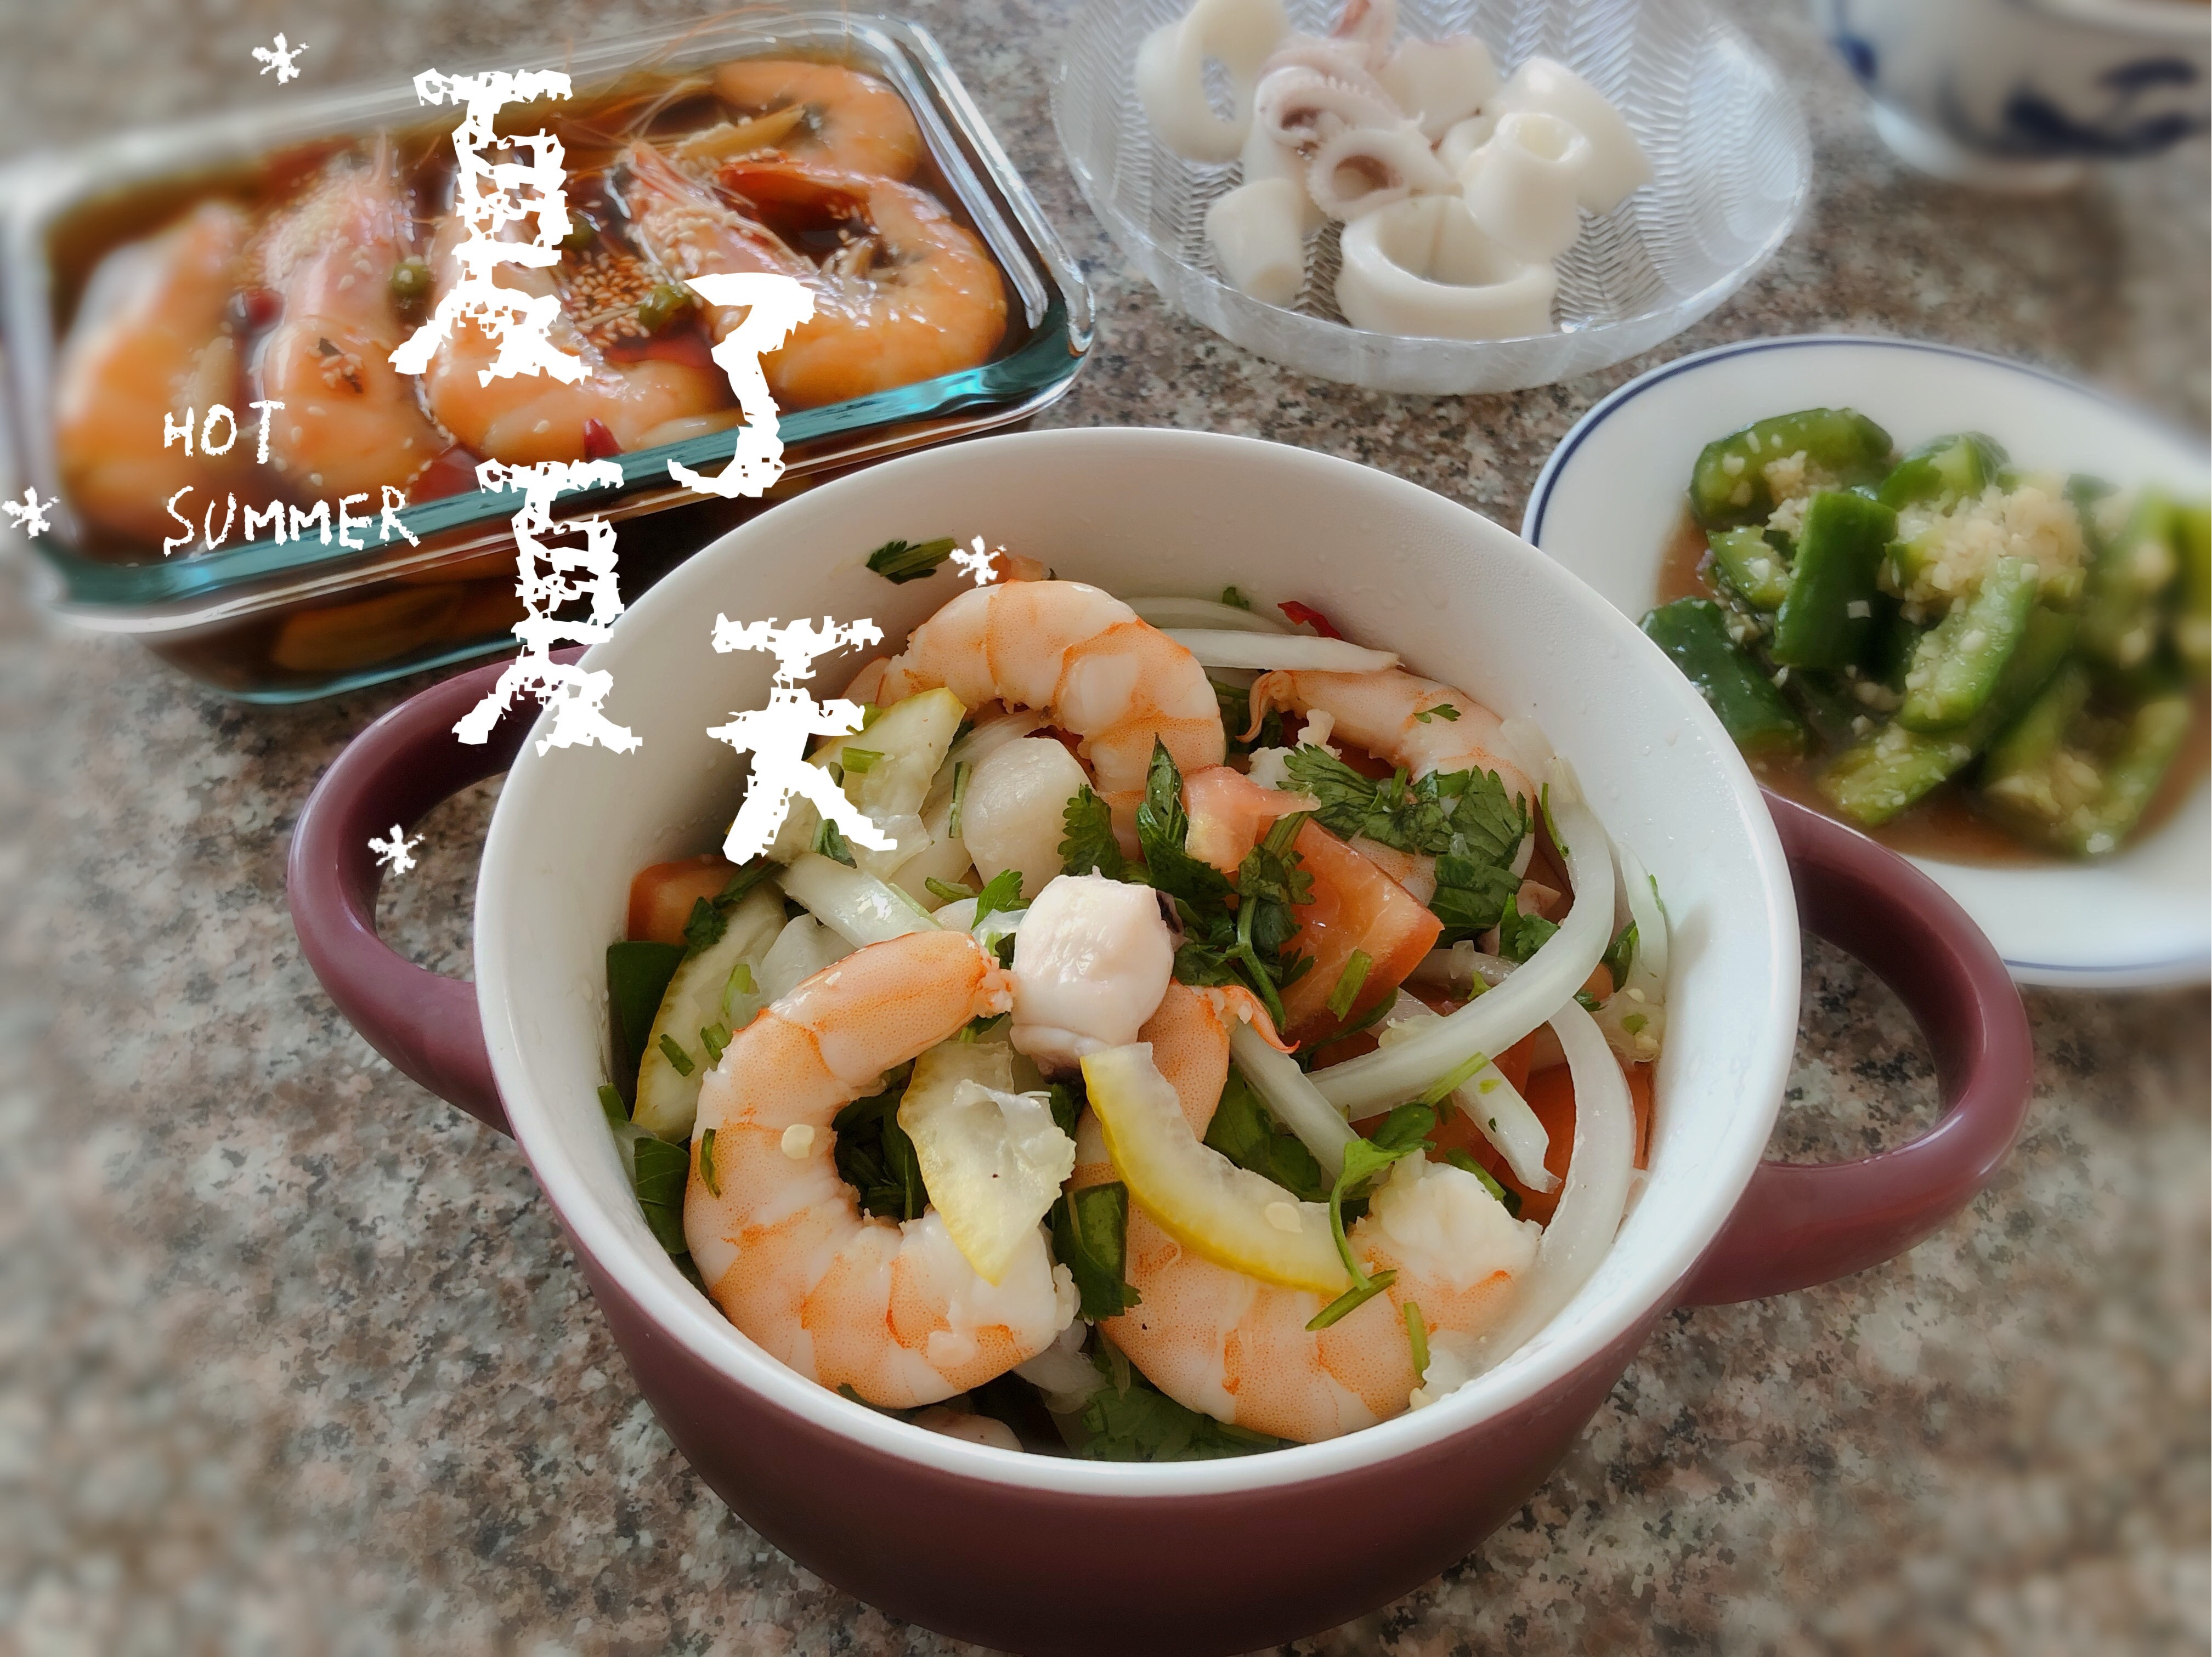 泰式涼拌海鮮 清涼爽口 冰箱涼拌菜